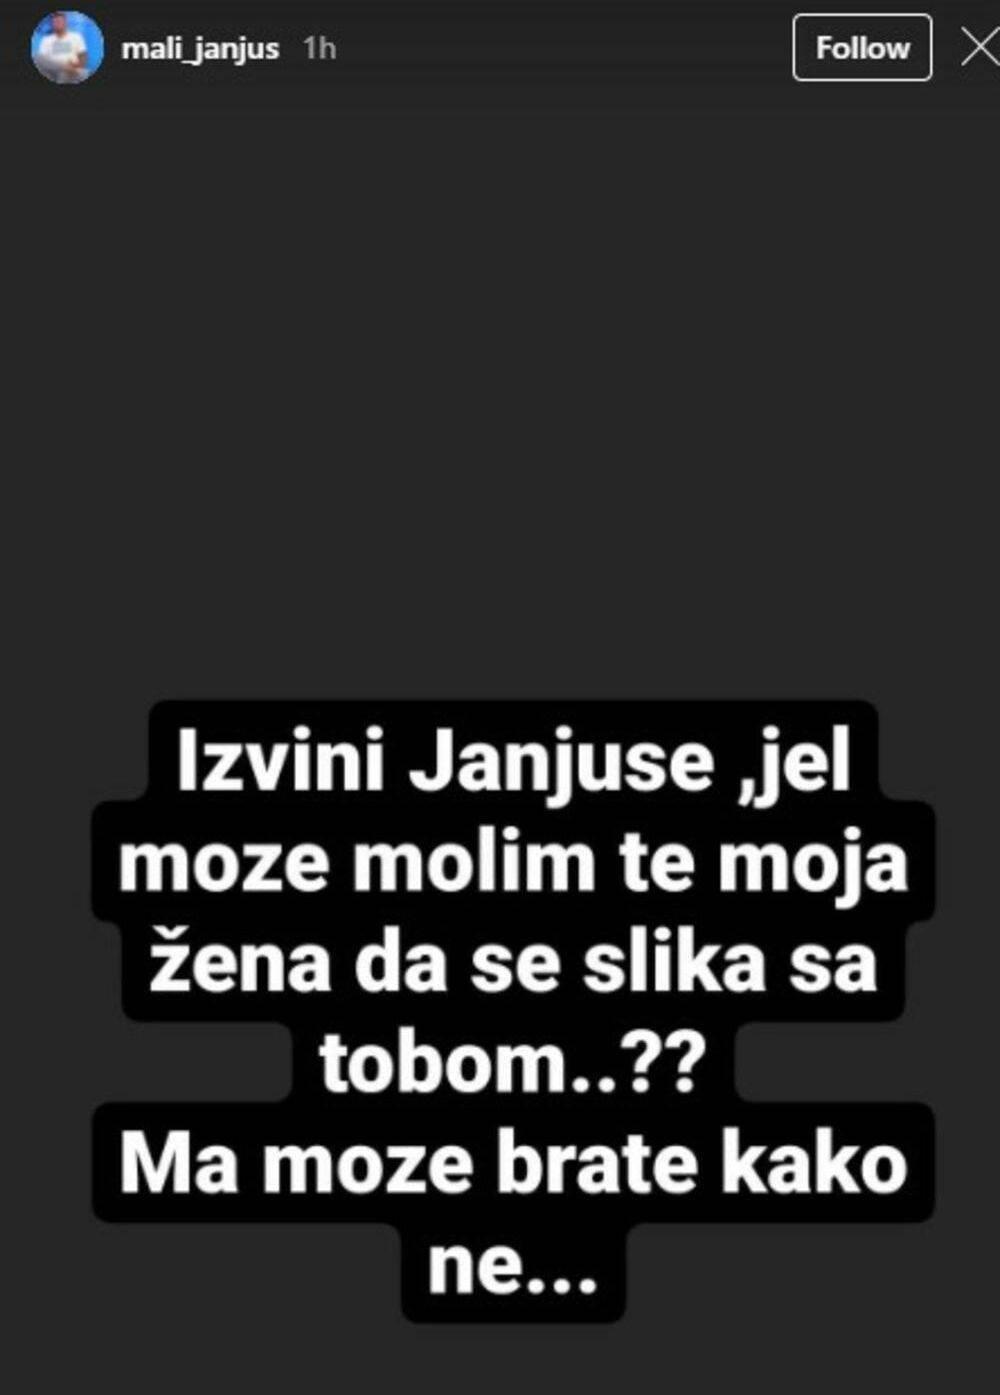 Janjuš ispričao šta mu se dogodilo